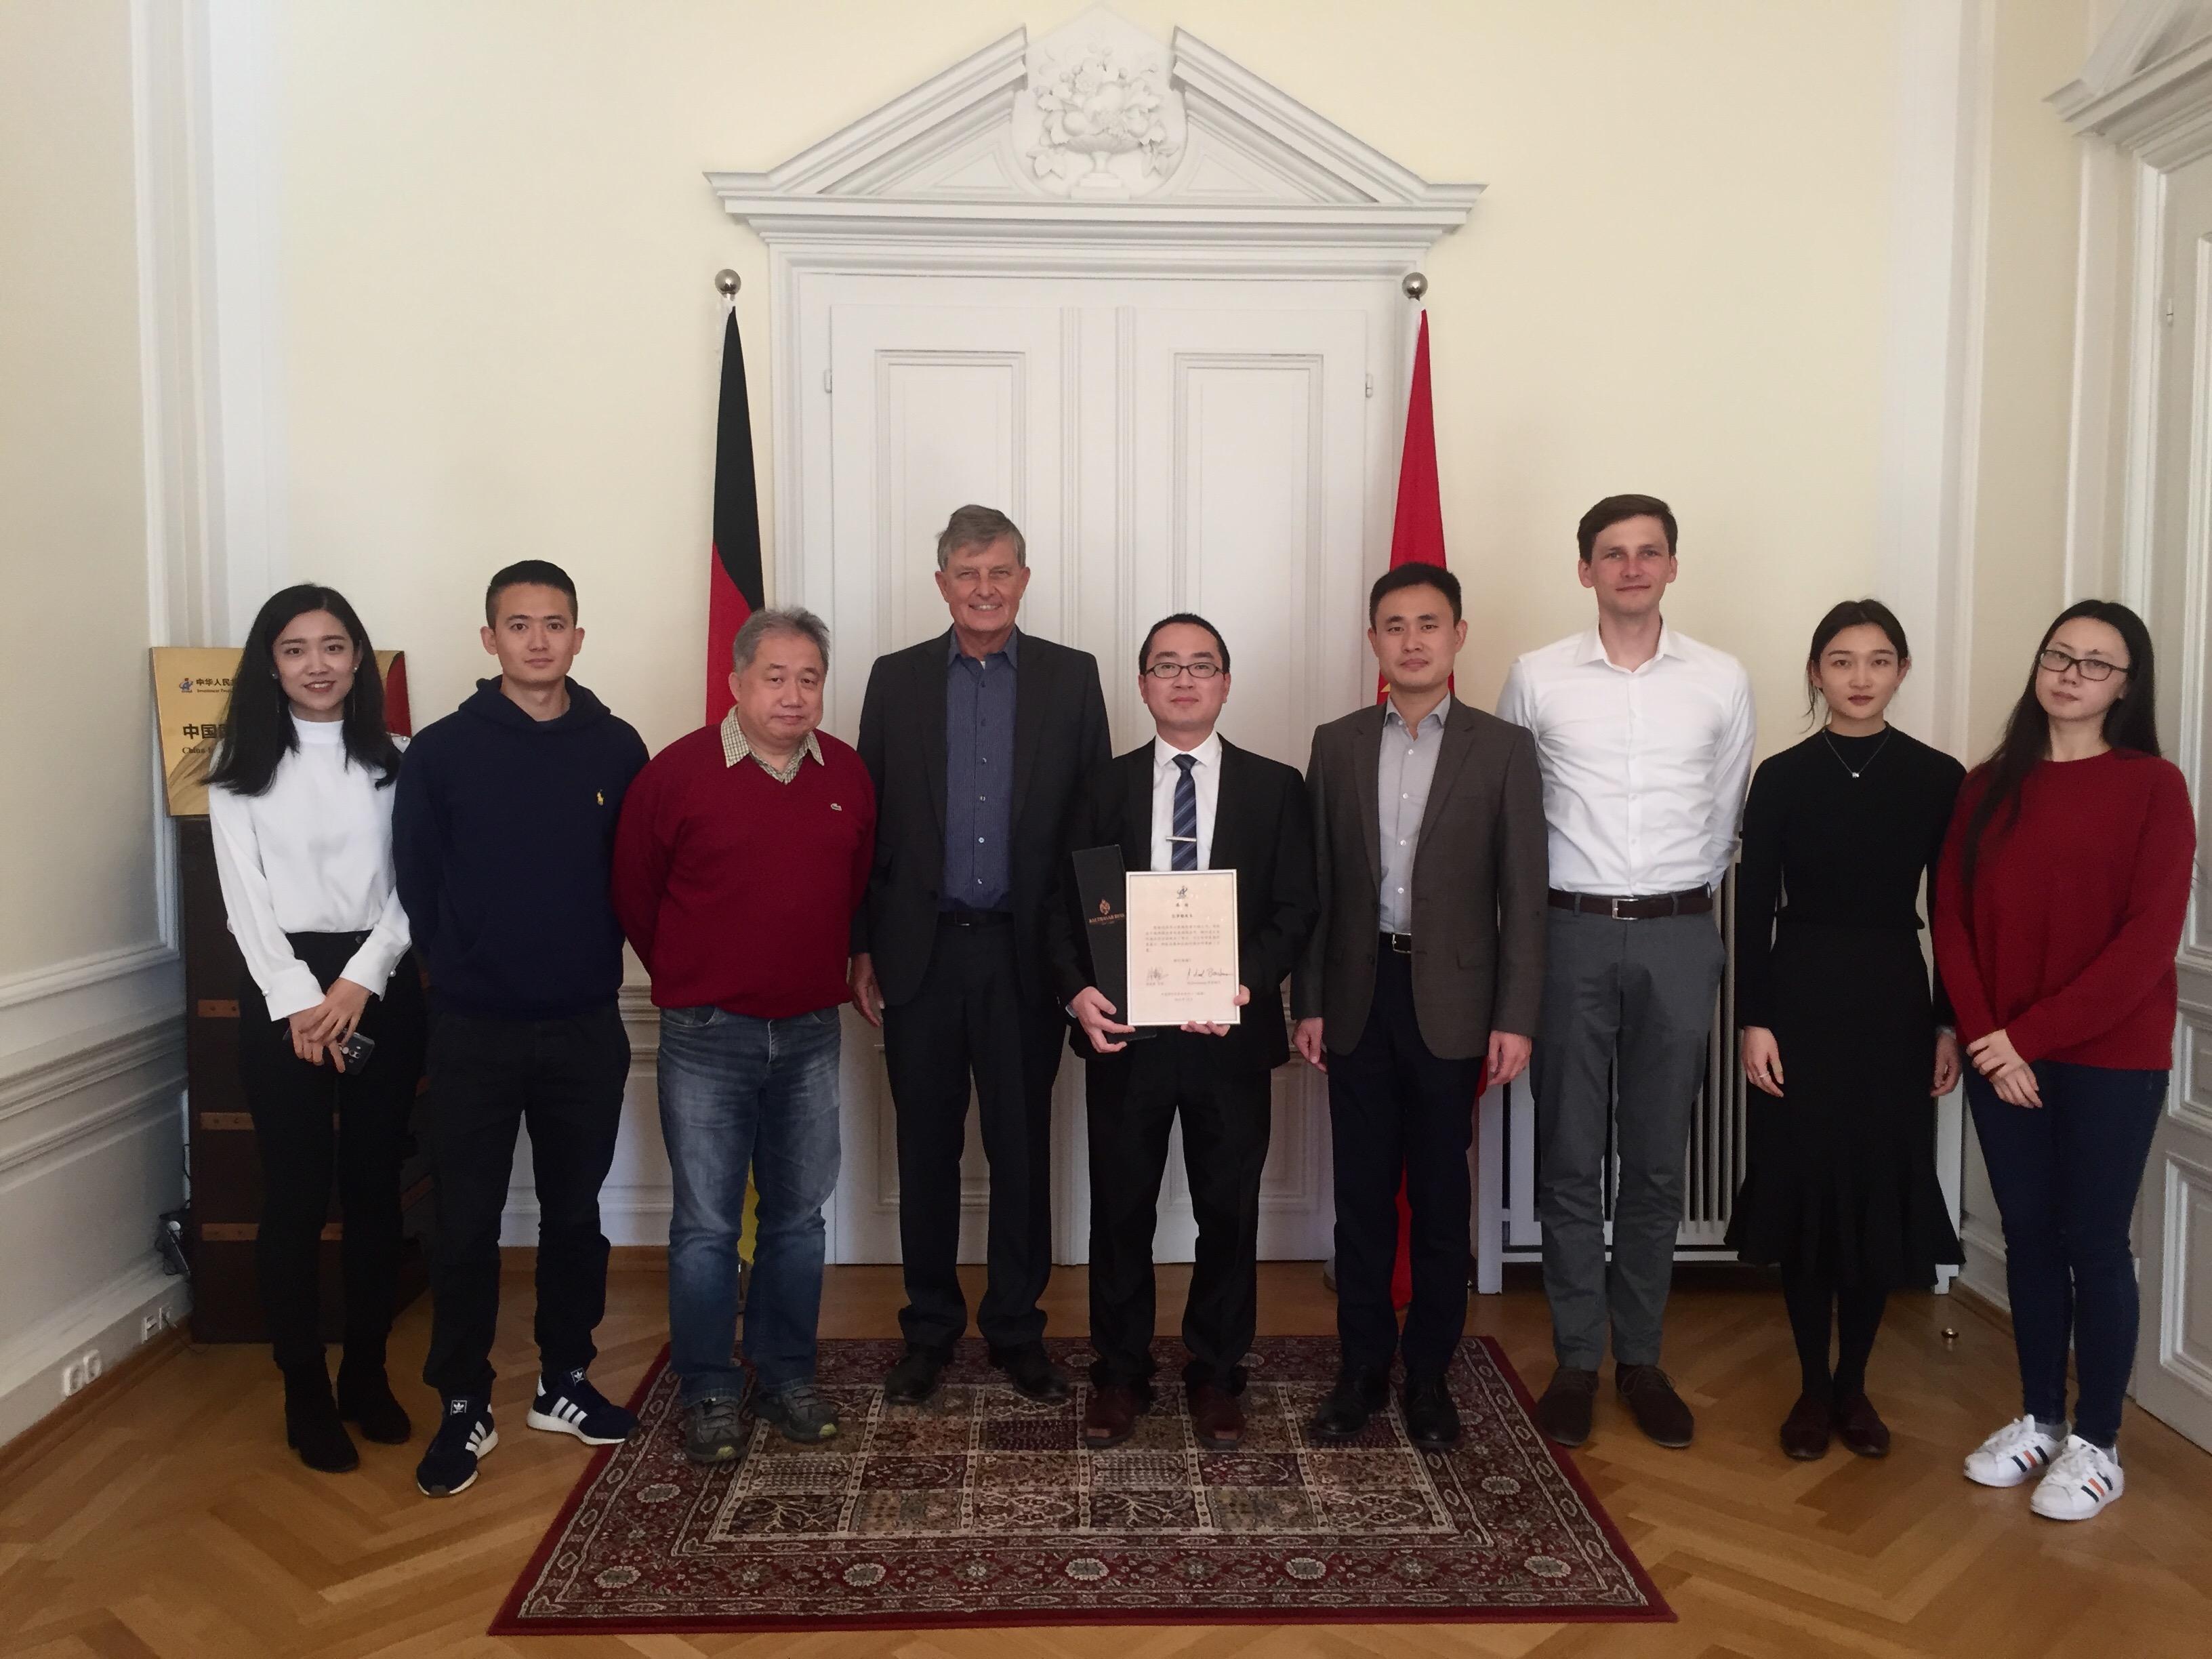 In der CIIPA-Repräsentanz: ZHANG Luoyin (5.v.l.), rechts daneben Direktor XU Yaojun